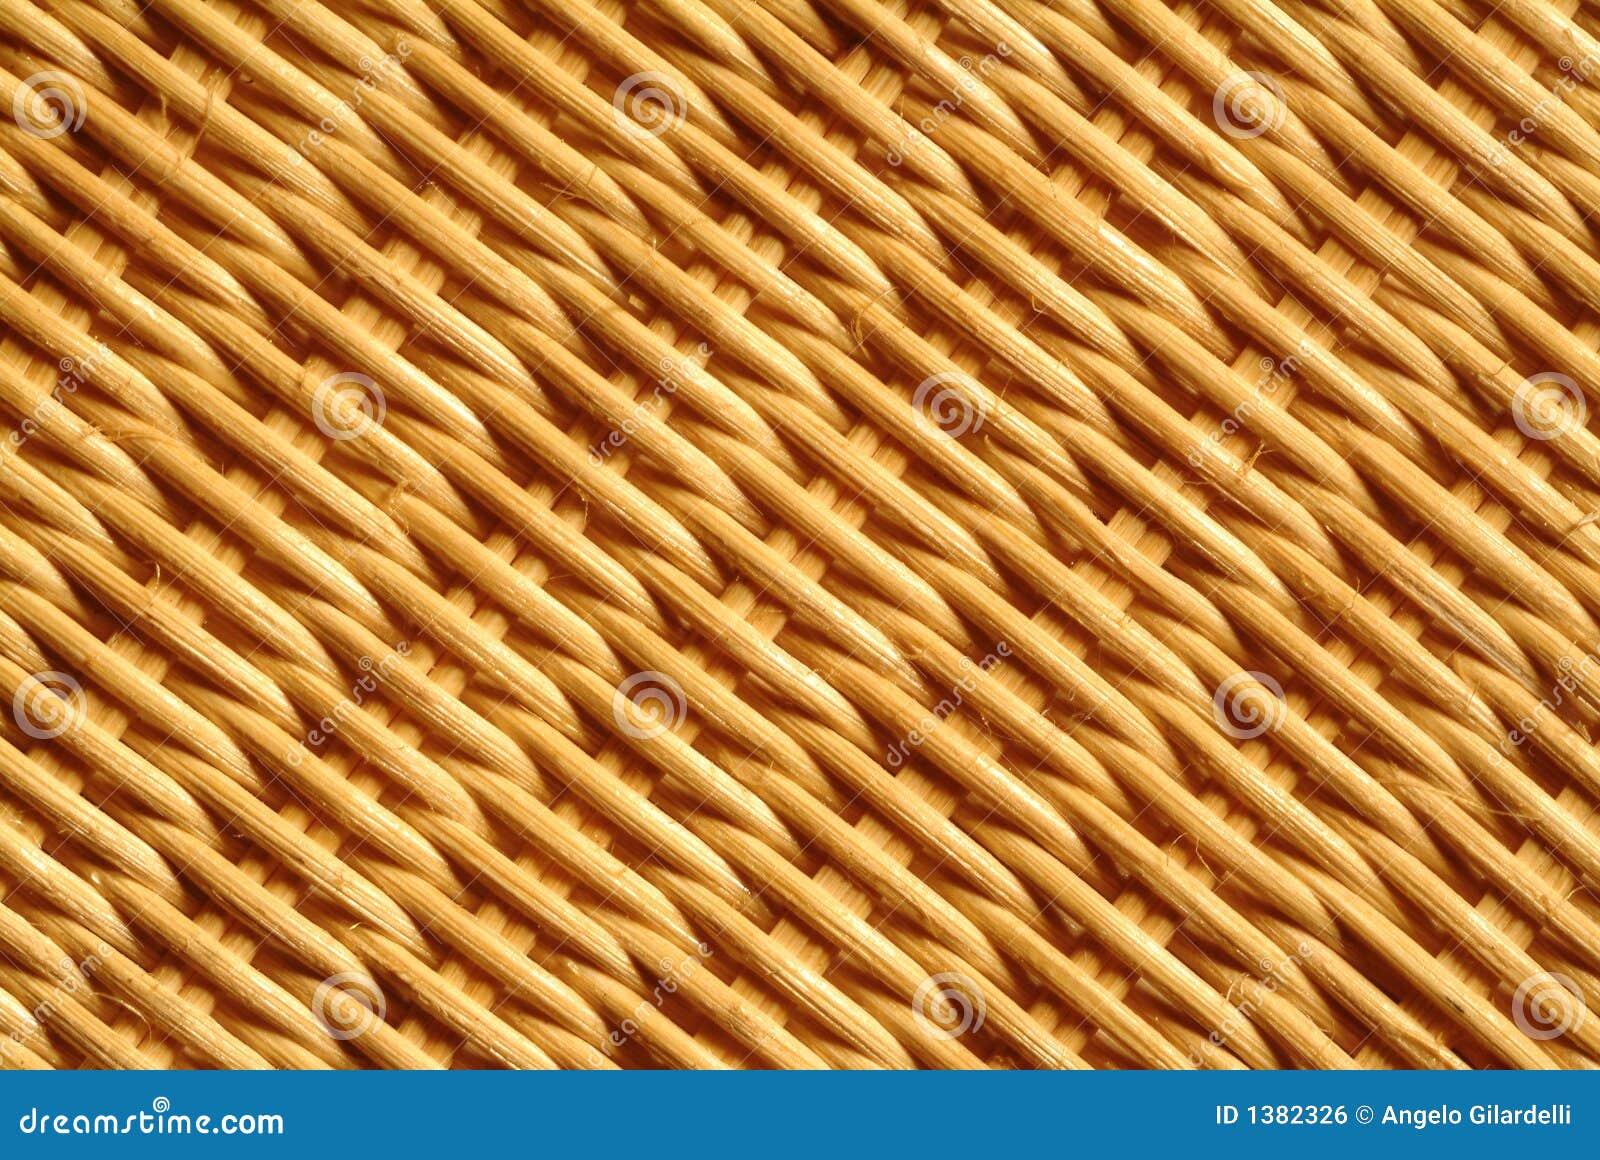 Texture de rotin image libre de droits image 1382326 - Repeindre un fauteuil en osier ...